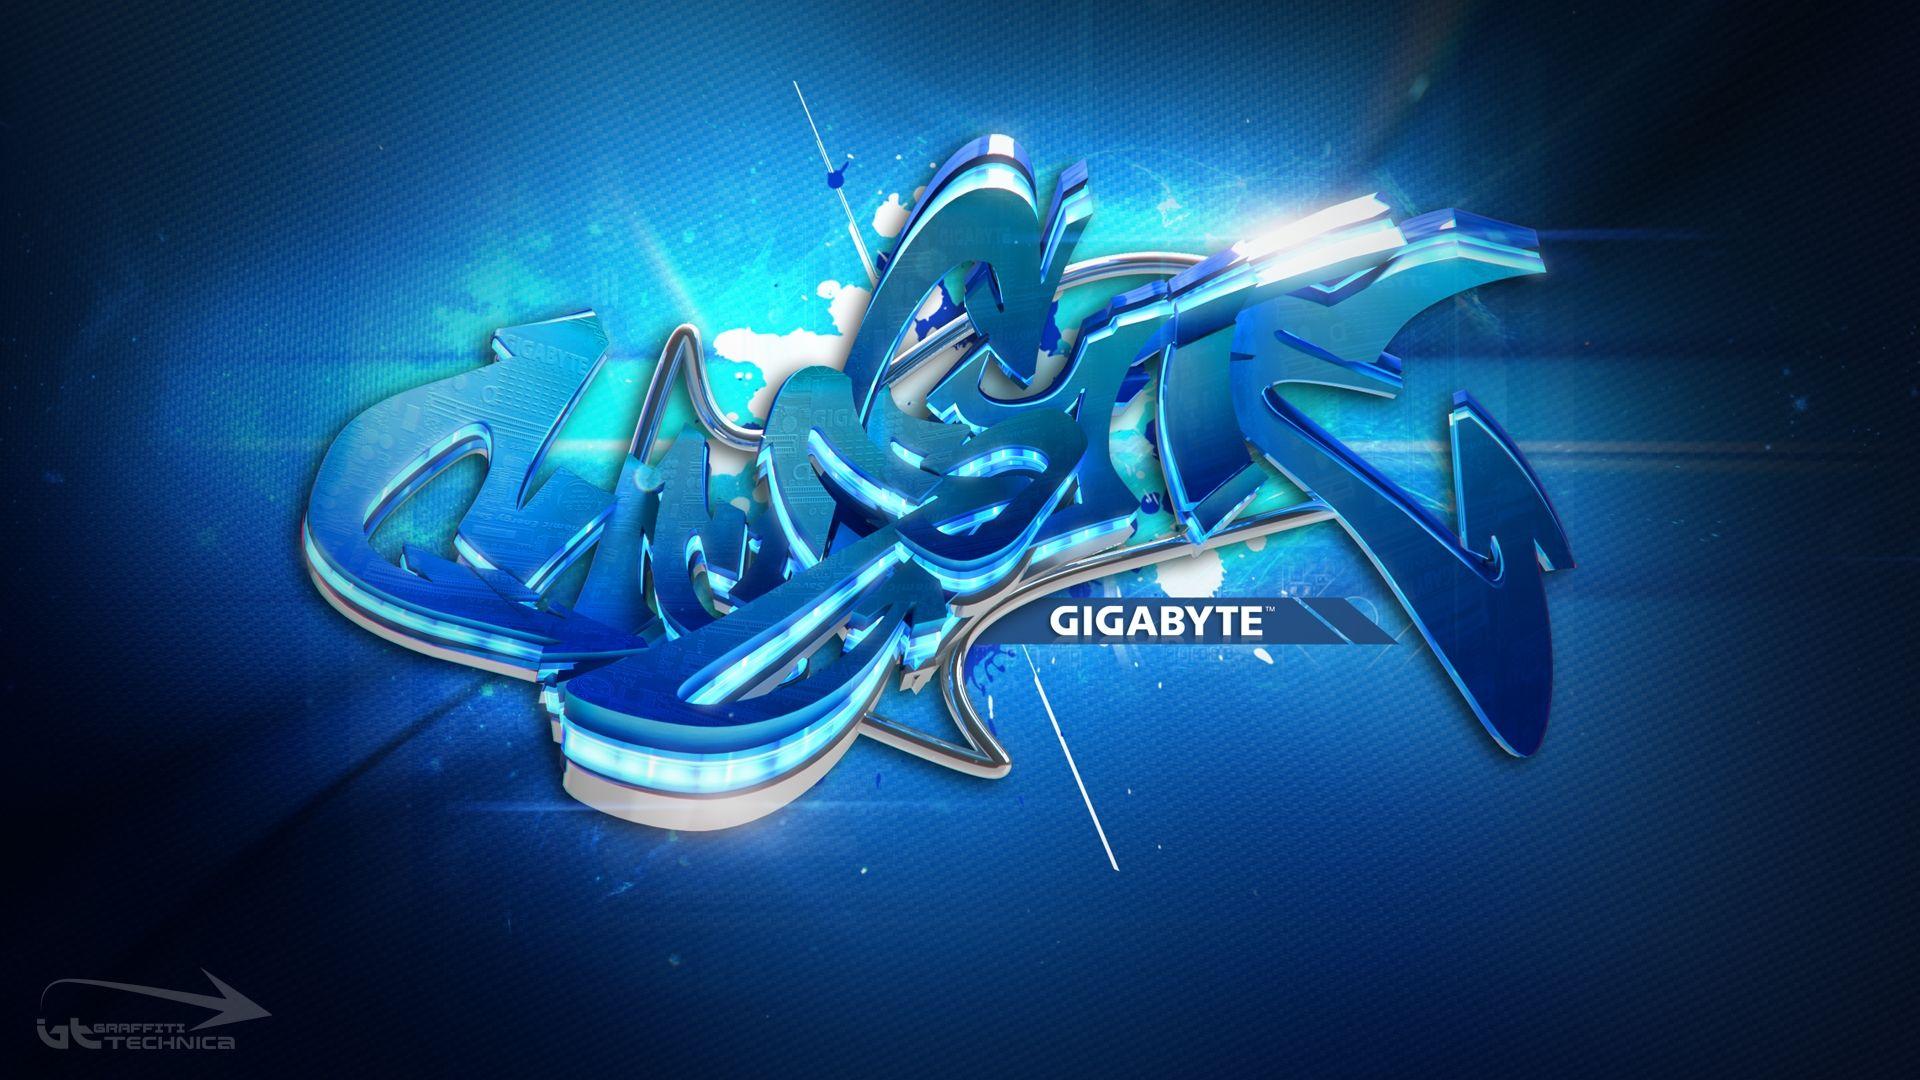 3d Graffiti Gigabyte Desktop Hd Cool Wallpapers Graffiti Wallpaper Best Graffiti